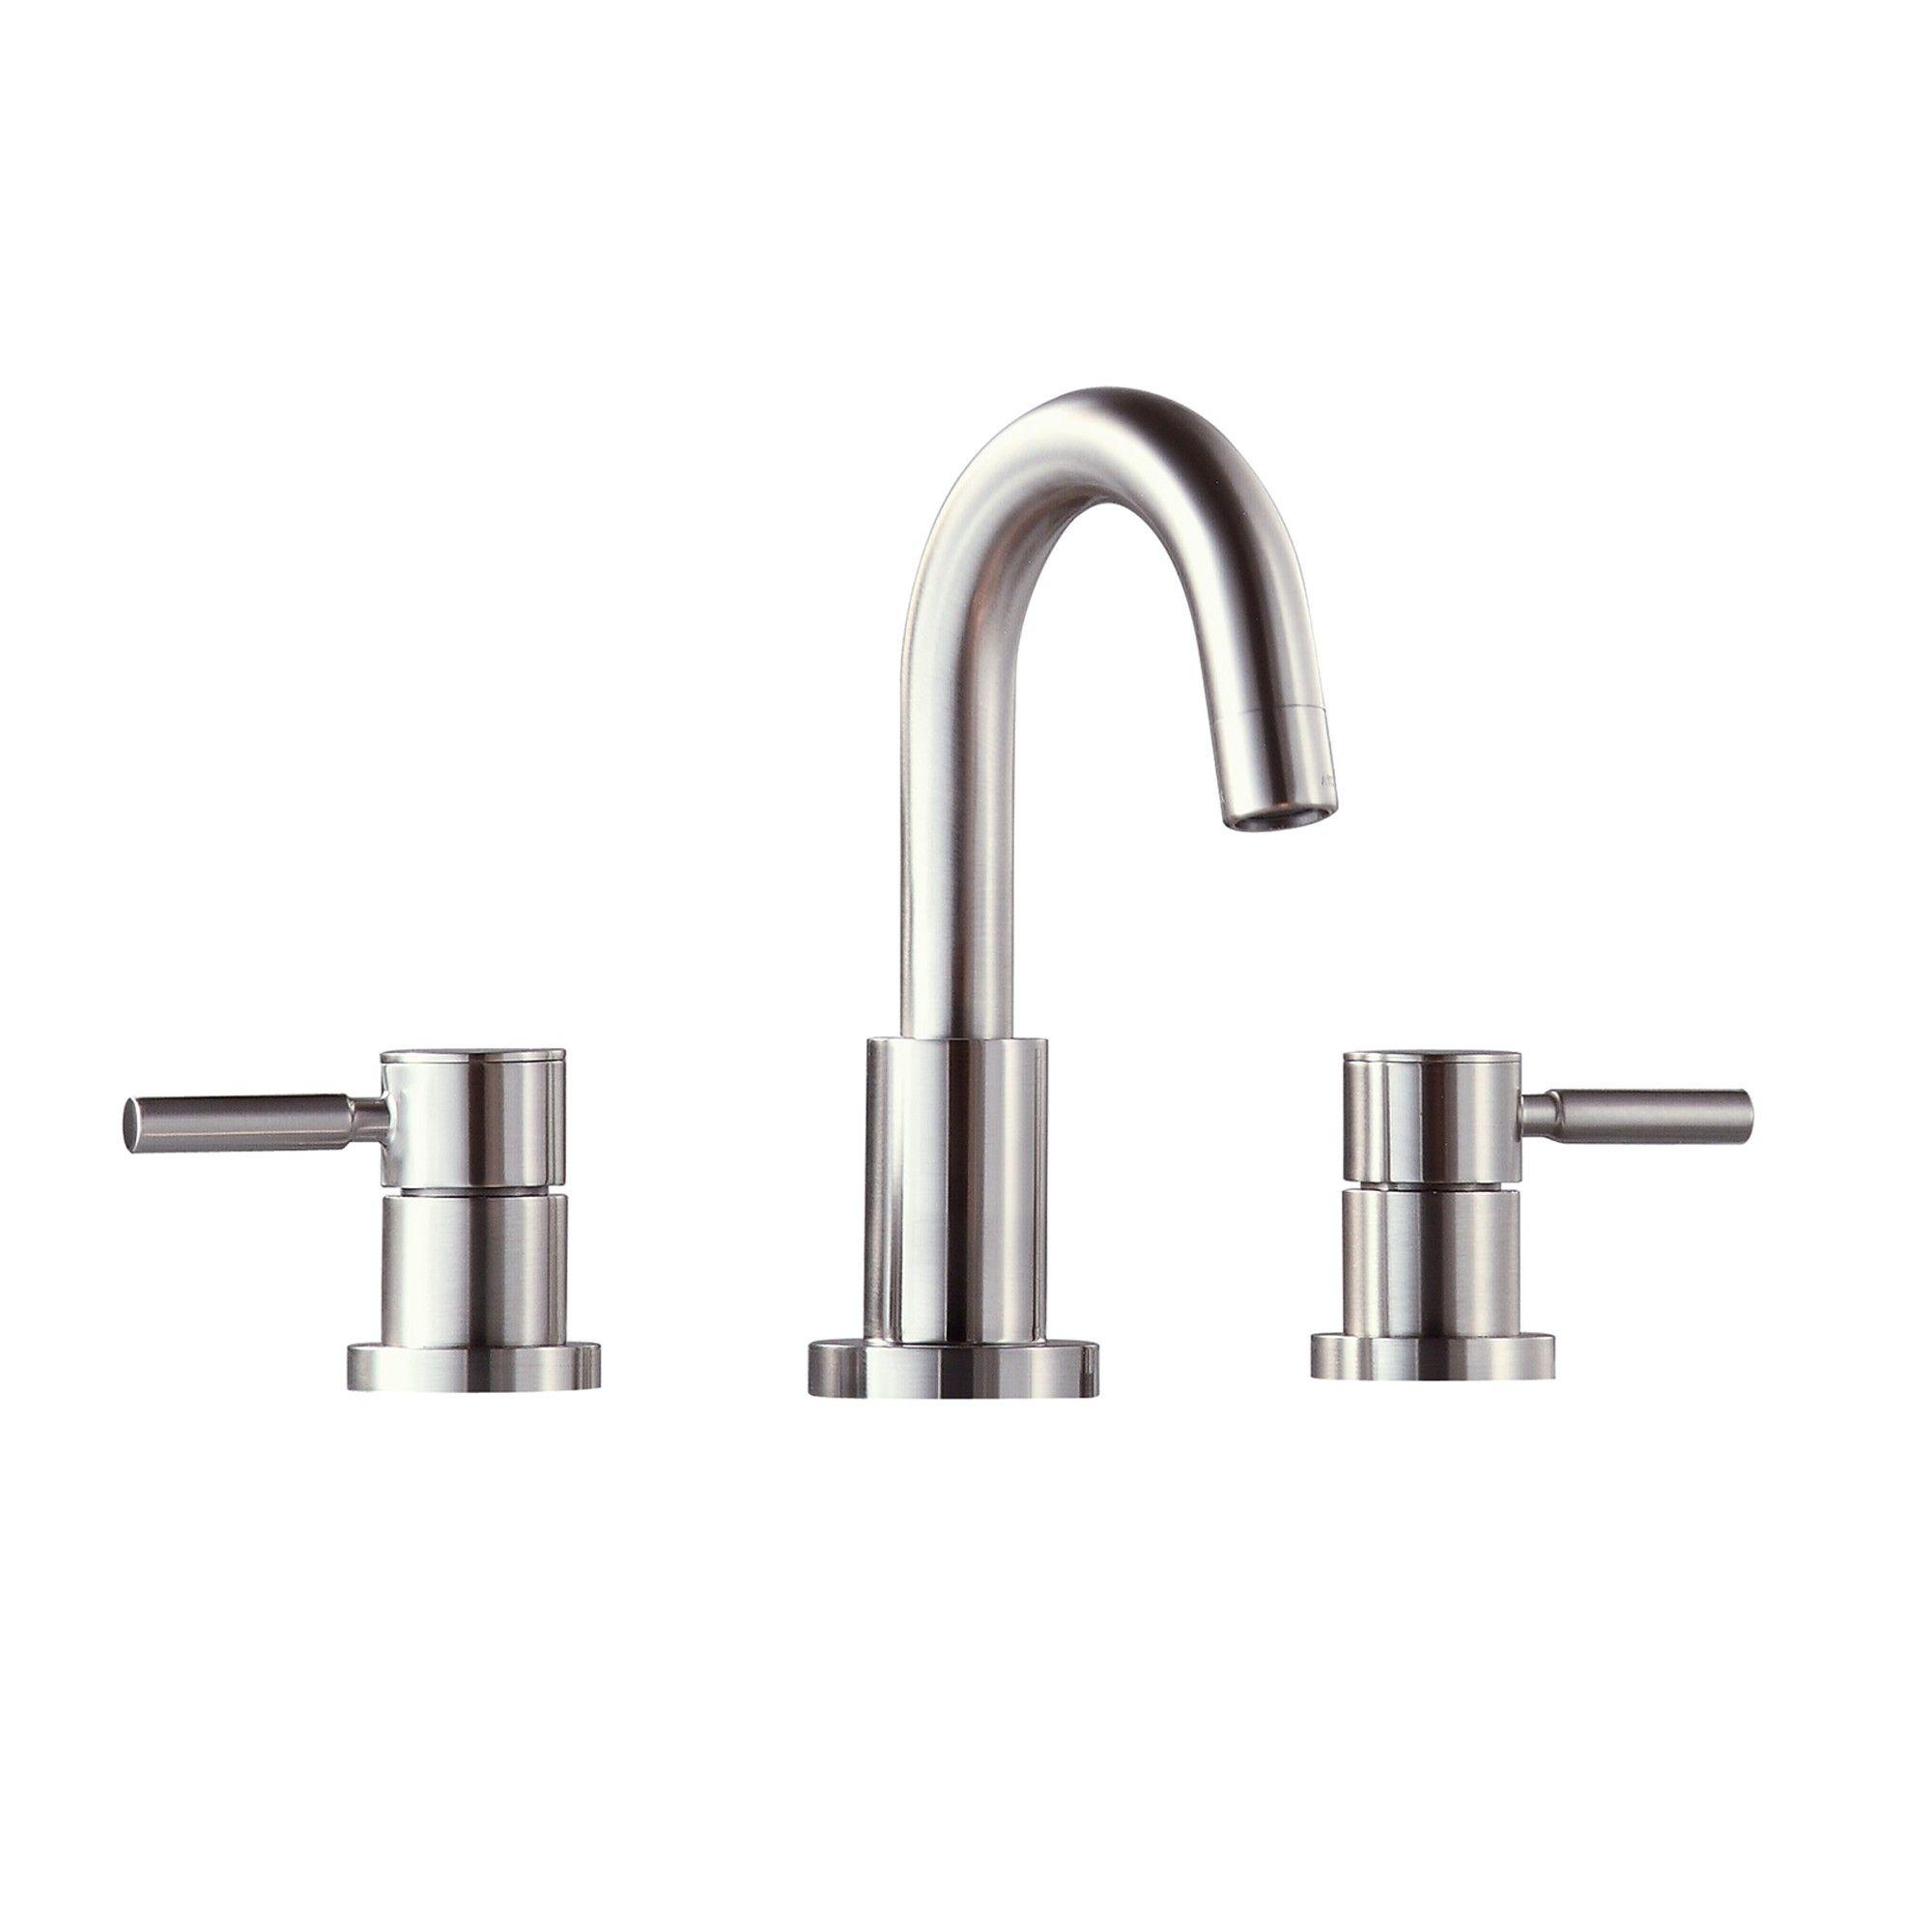 avanity fws1501bn positano widespread two handle bath faucet with